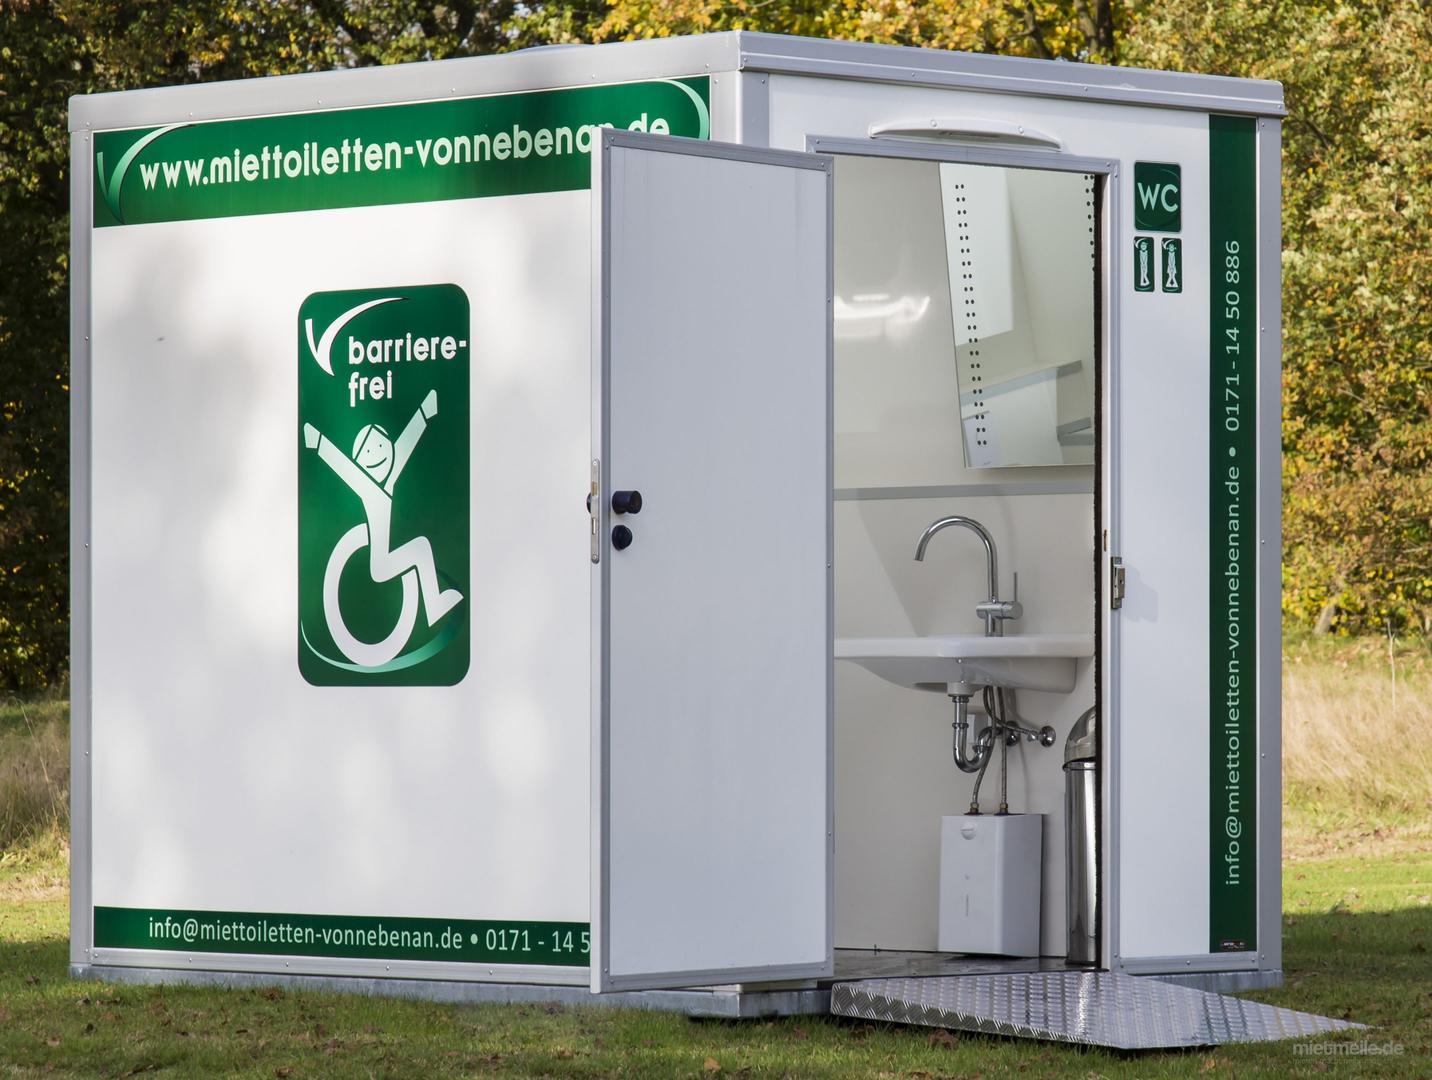 Toilettenwagen mieten & vermieten - Toilettenwagen / Barrierefrei in Lütjensee